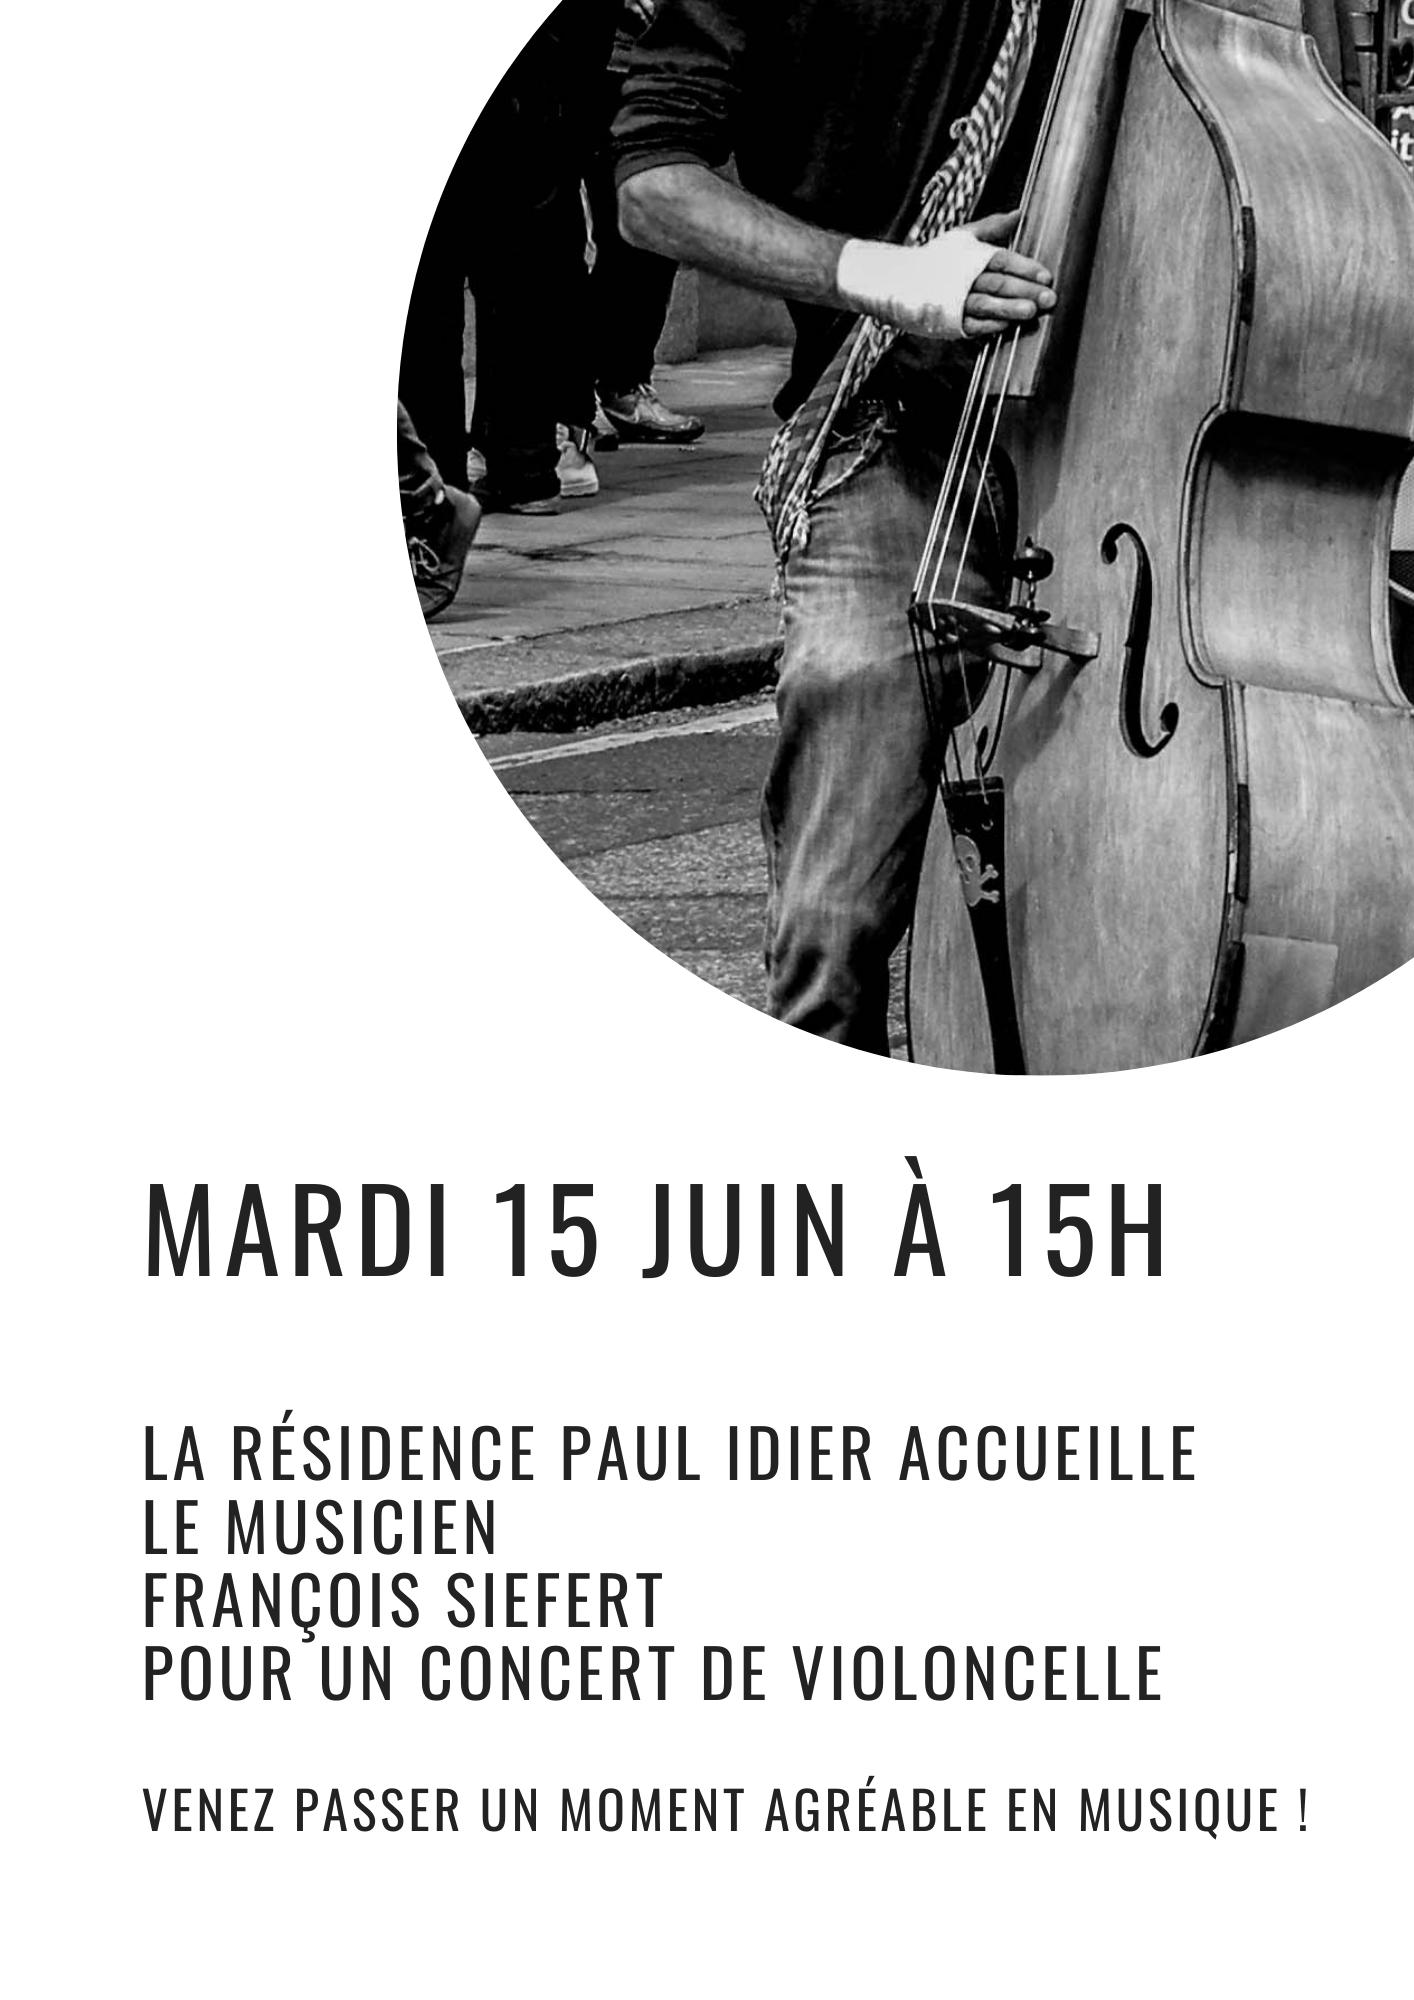 20210615 Poster François Siéfert violoncelle